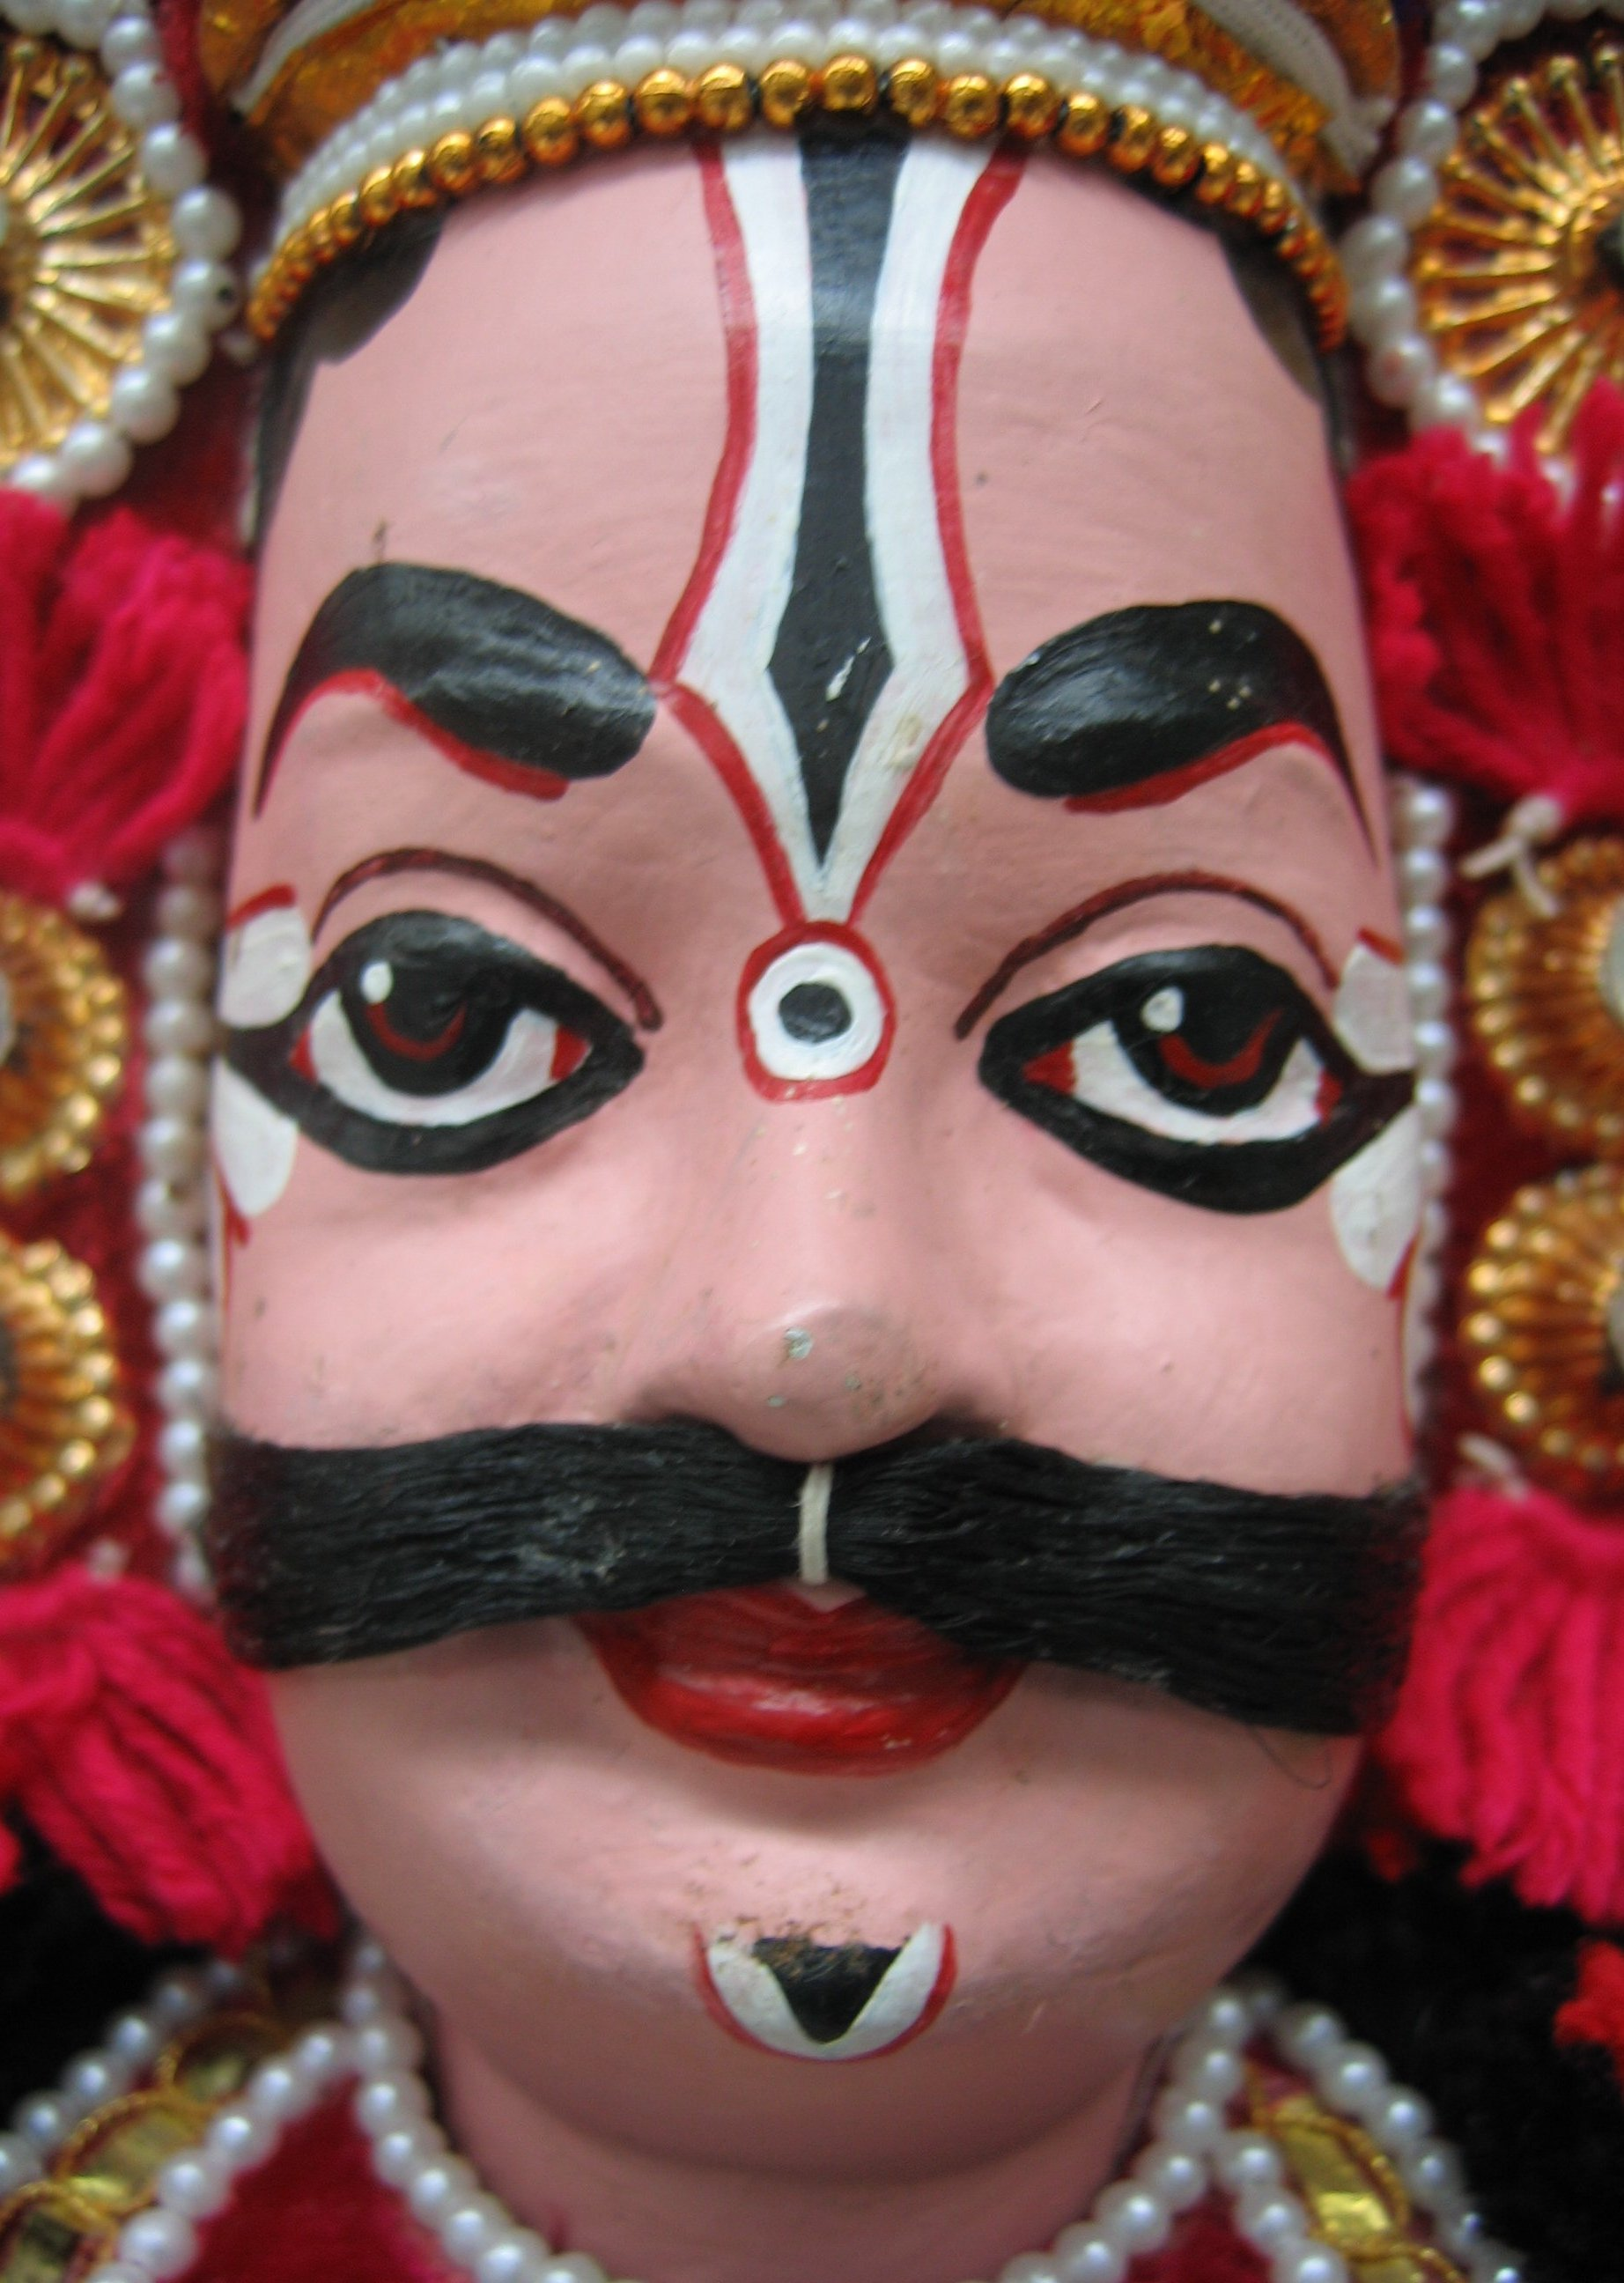 La tête d'une marionnette d'un personnage masculin dans le style de <em>yakshagana gombeyata</em> par Rangaputhali Raghunandan (Bangalore, Karnataka, Inde). Collection : Center for Puppetry Arts (Atlanta, Géorgie, États-Unis)